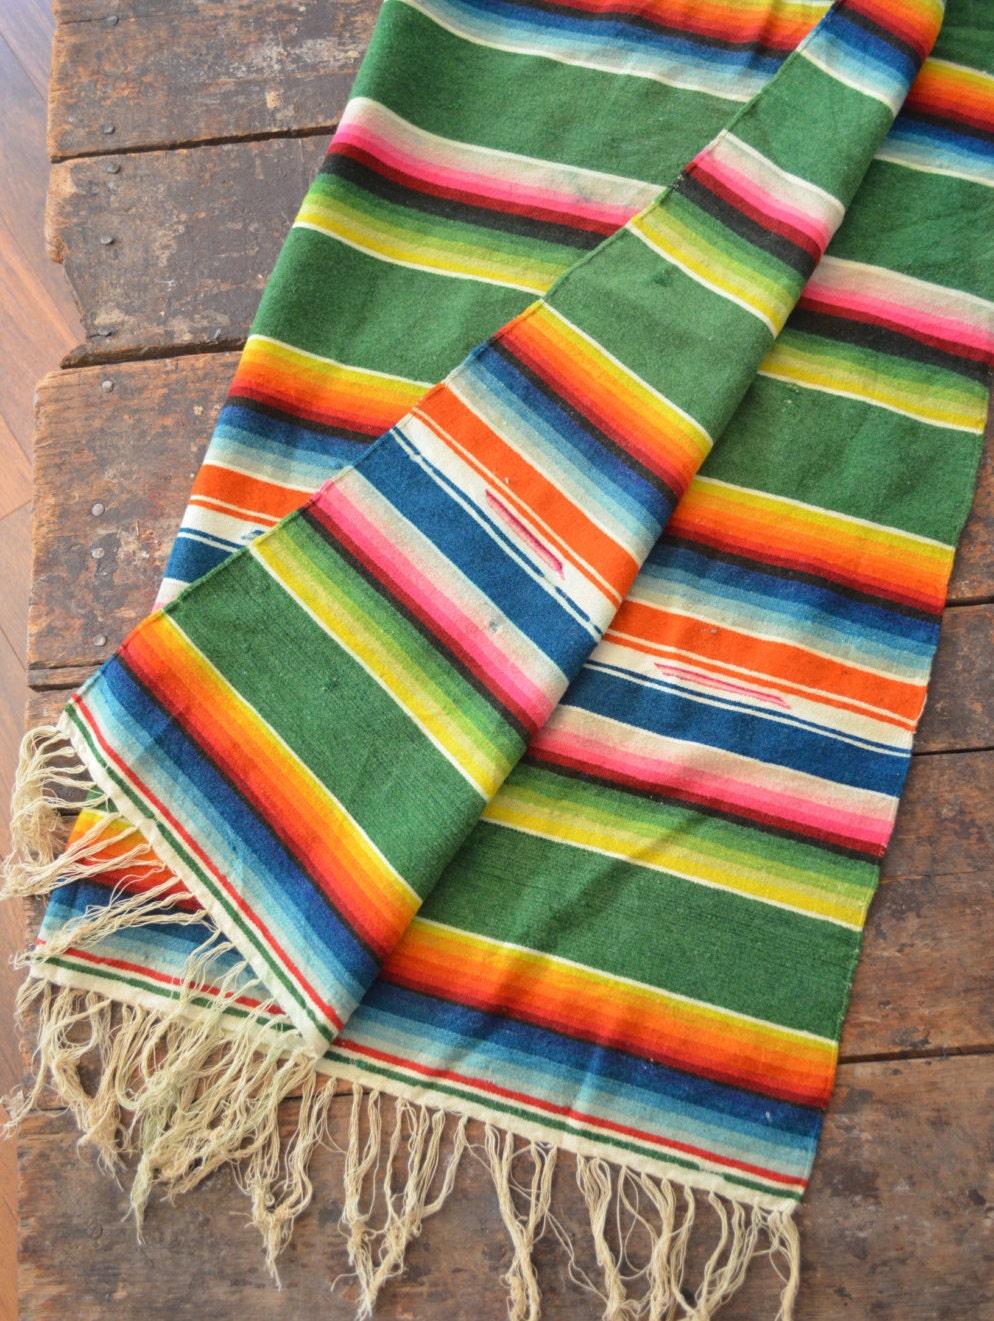 Vintage Mexican Serape Saltillo Blanket Handwoven